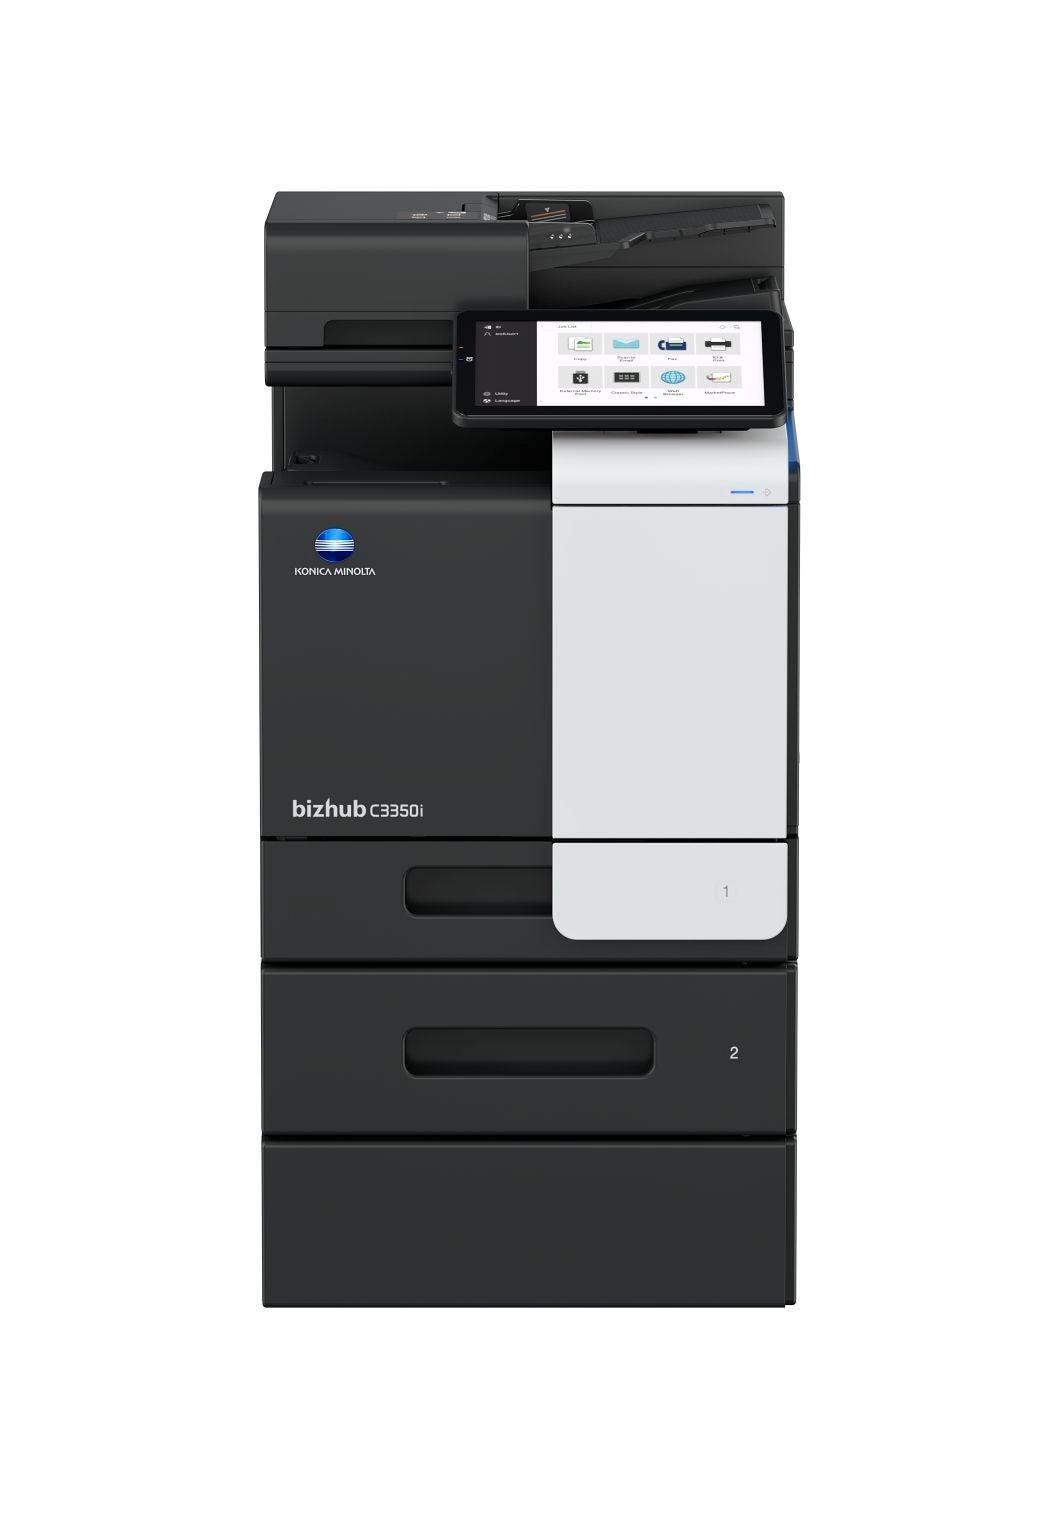 bizhub C3350i